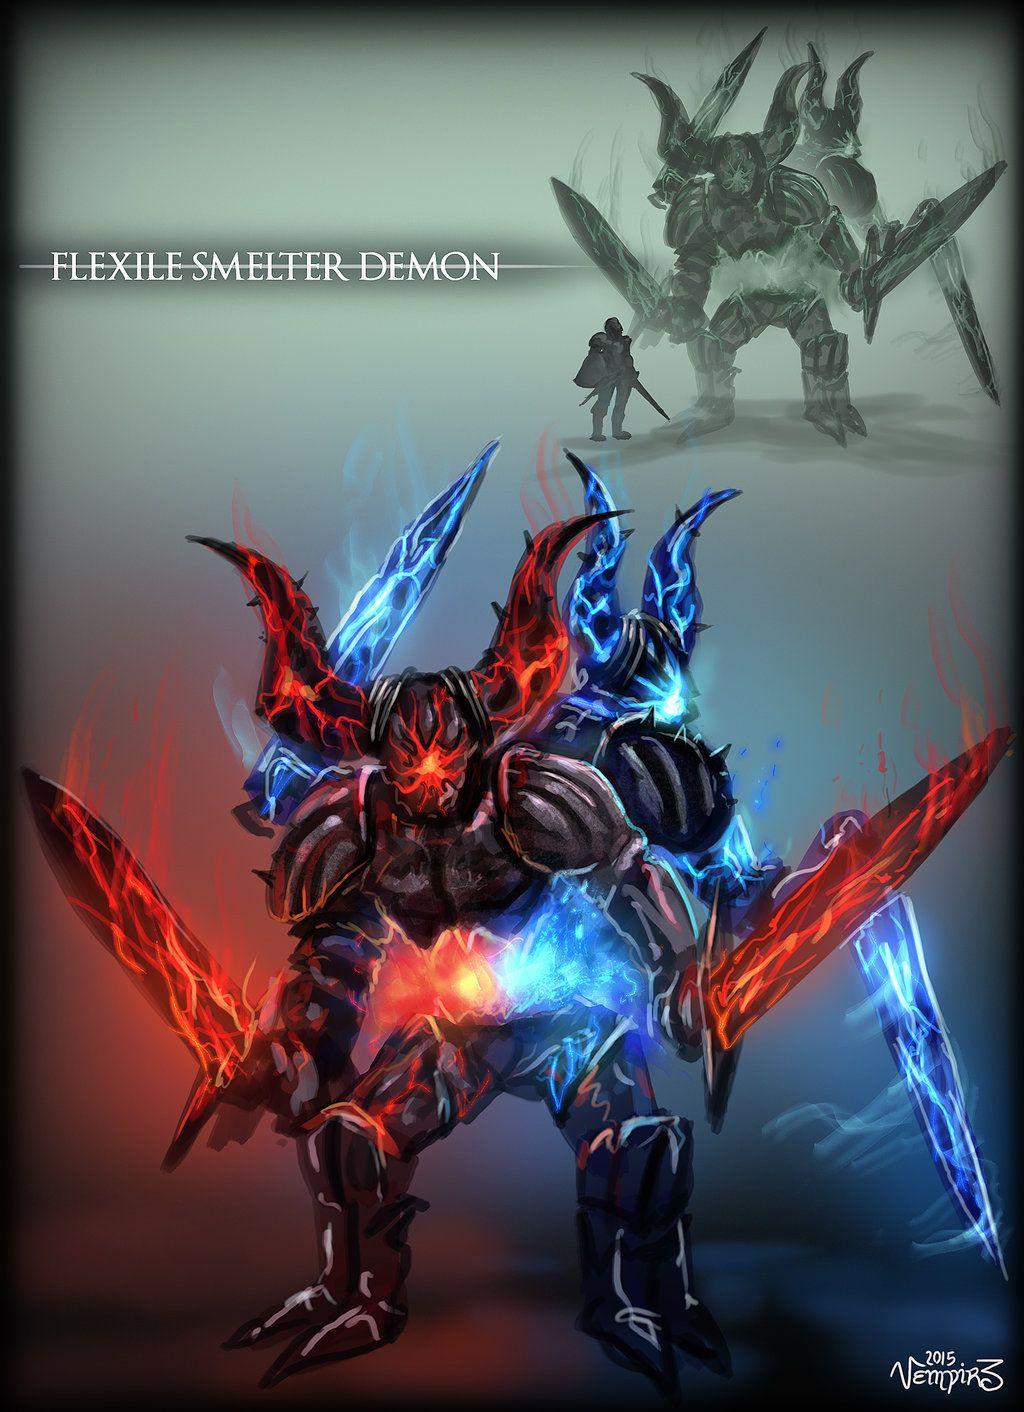 Flexile Smelter Demon By Vempirick Dark Souls Art Dark Souls 3